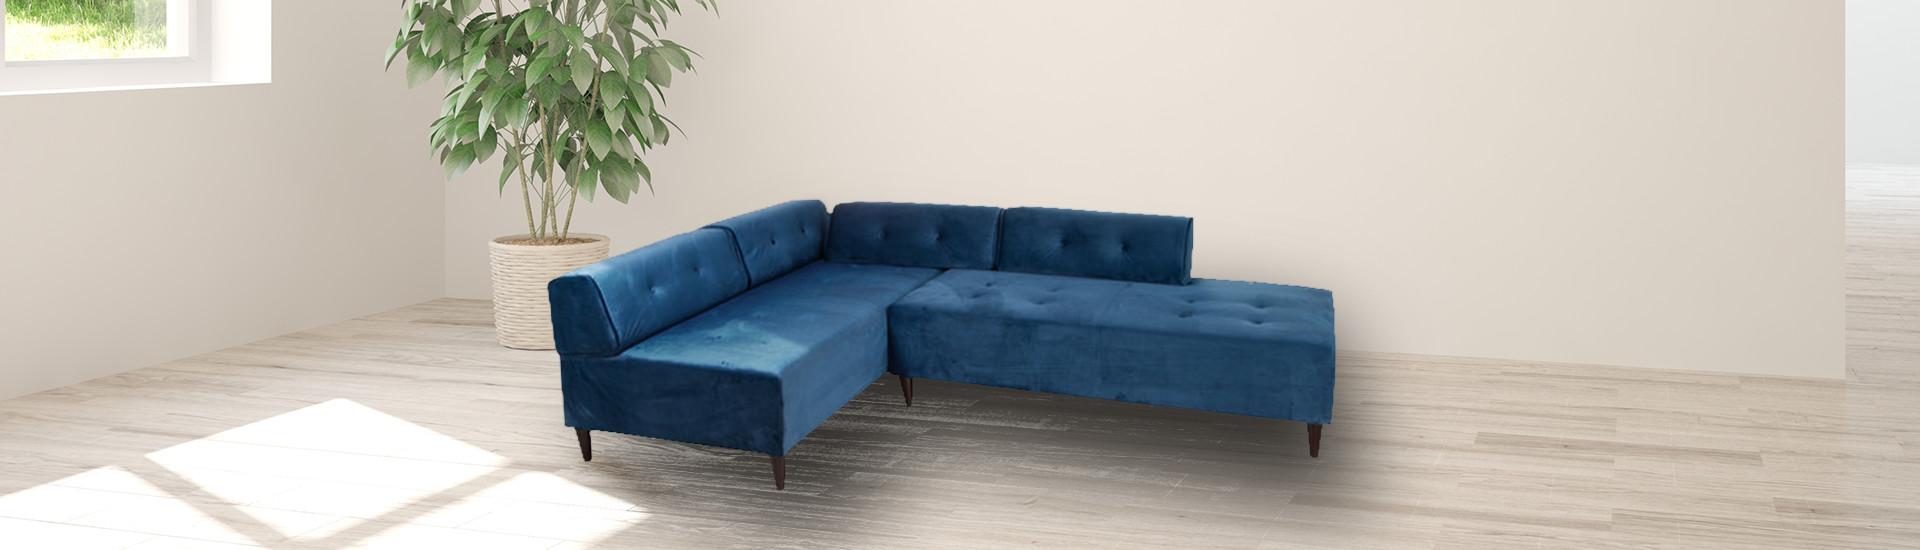 €699 για ένα καναπέ ΚΕΑ απο την Craftenwood